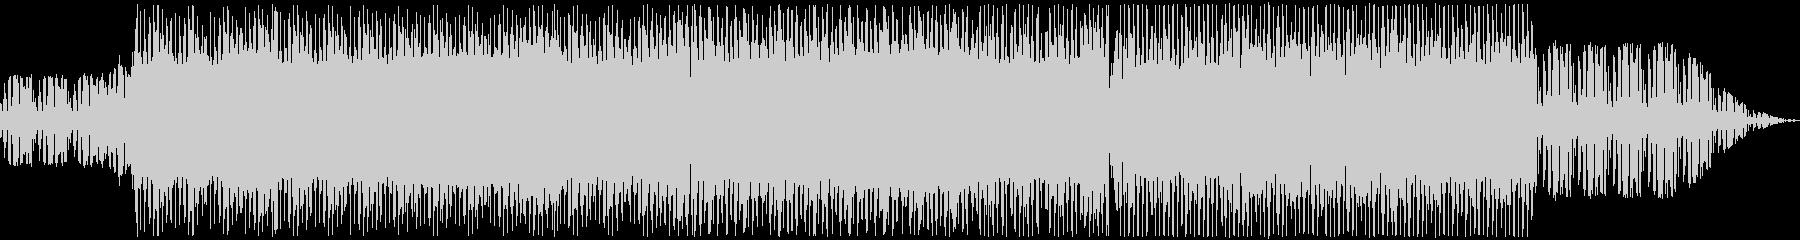 イントロサスペンス1分と反復的な奇...の未再生の波形